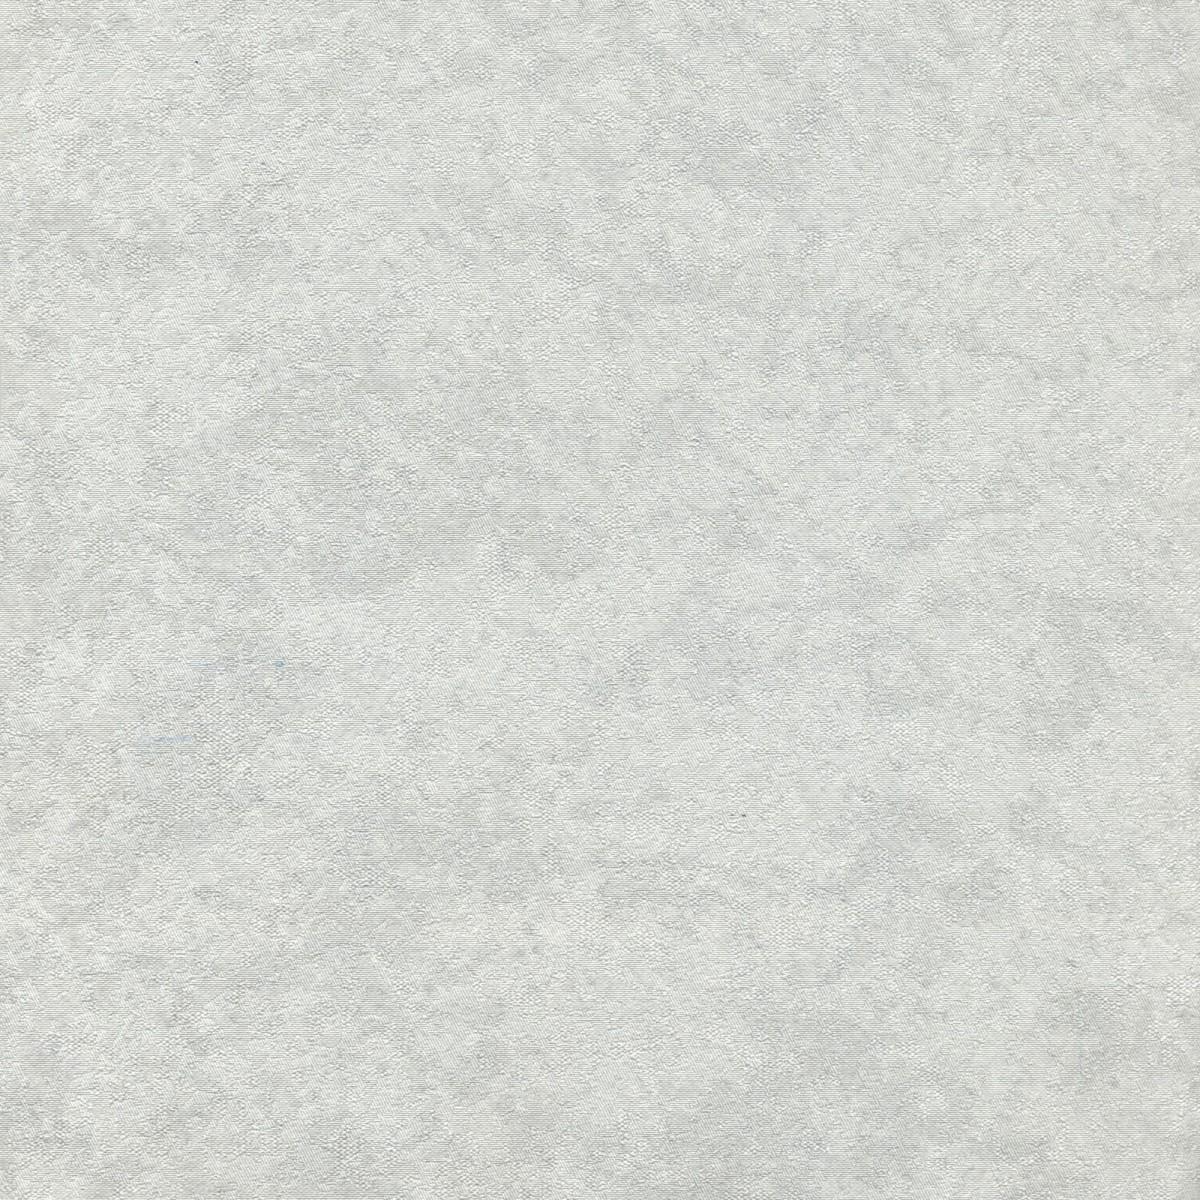 Обои флизелиновые 1.06х10 м фон серый ED 1090-07